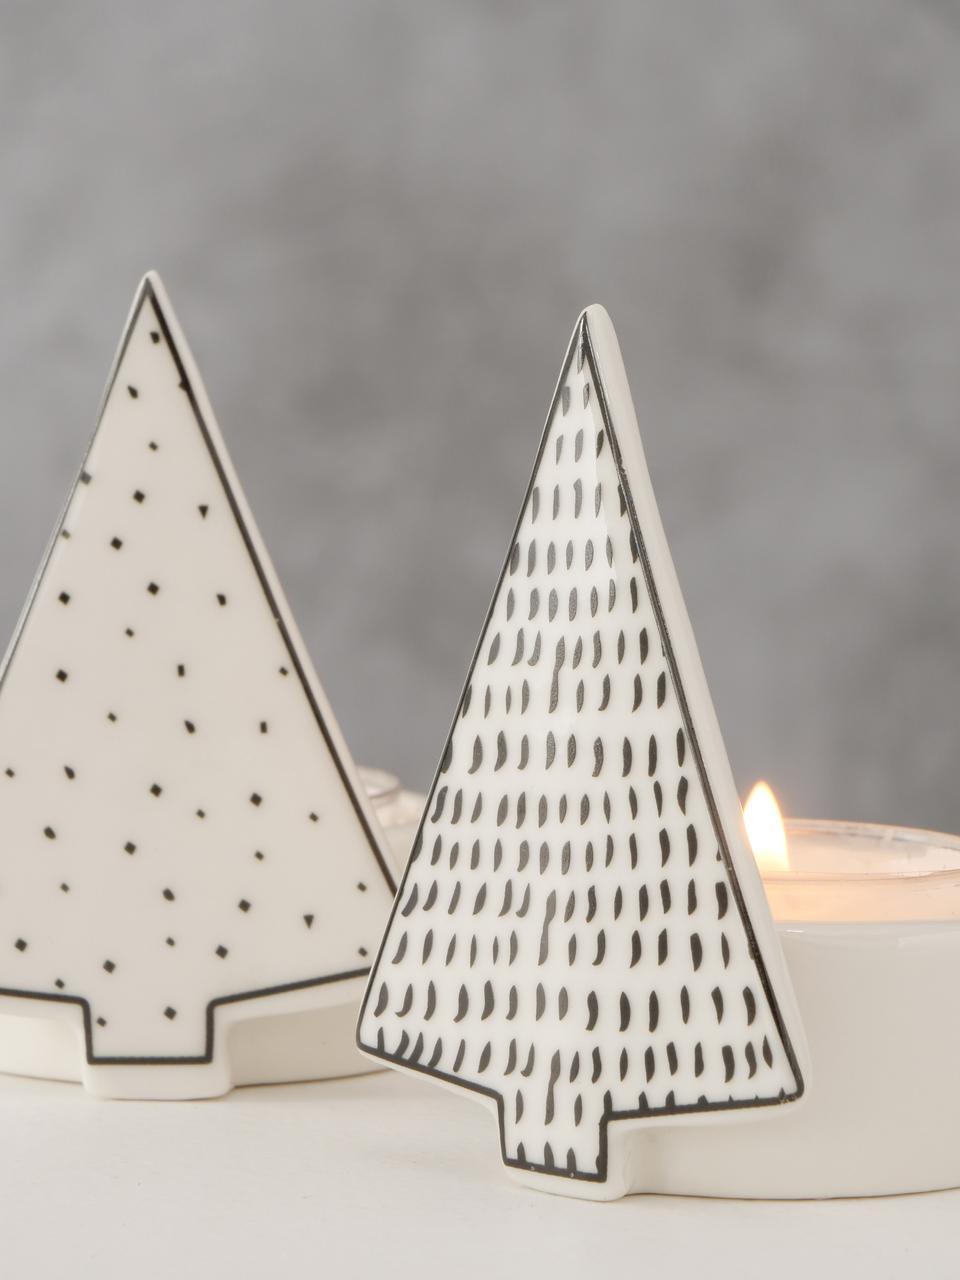 Teelichthalter-Set Cumulis, 2-tlg., Porzellan, Hellbeige, Schwarz, Ø 5 cm